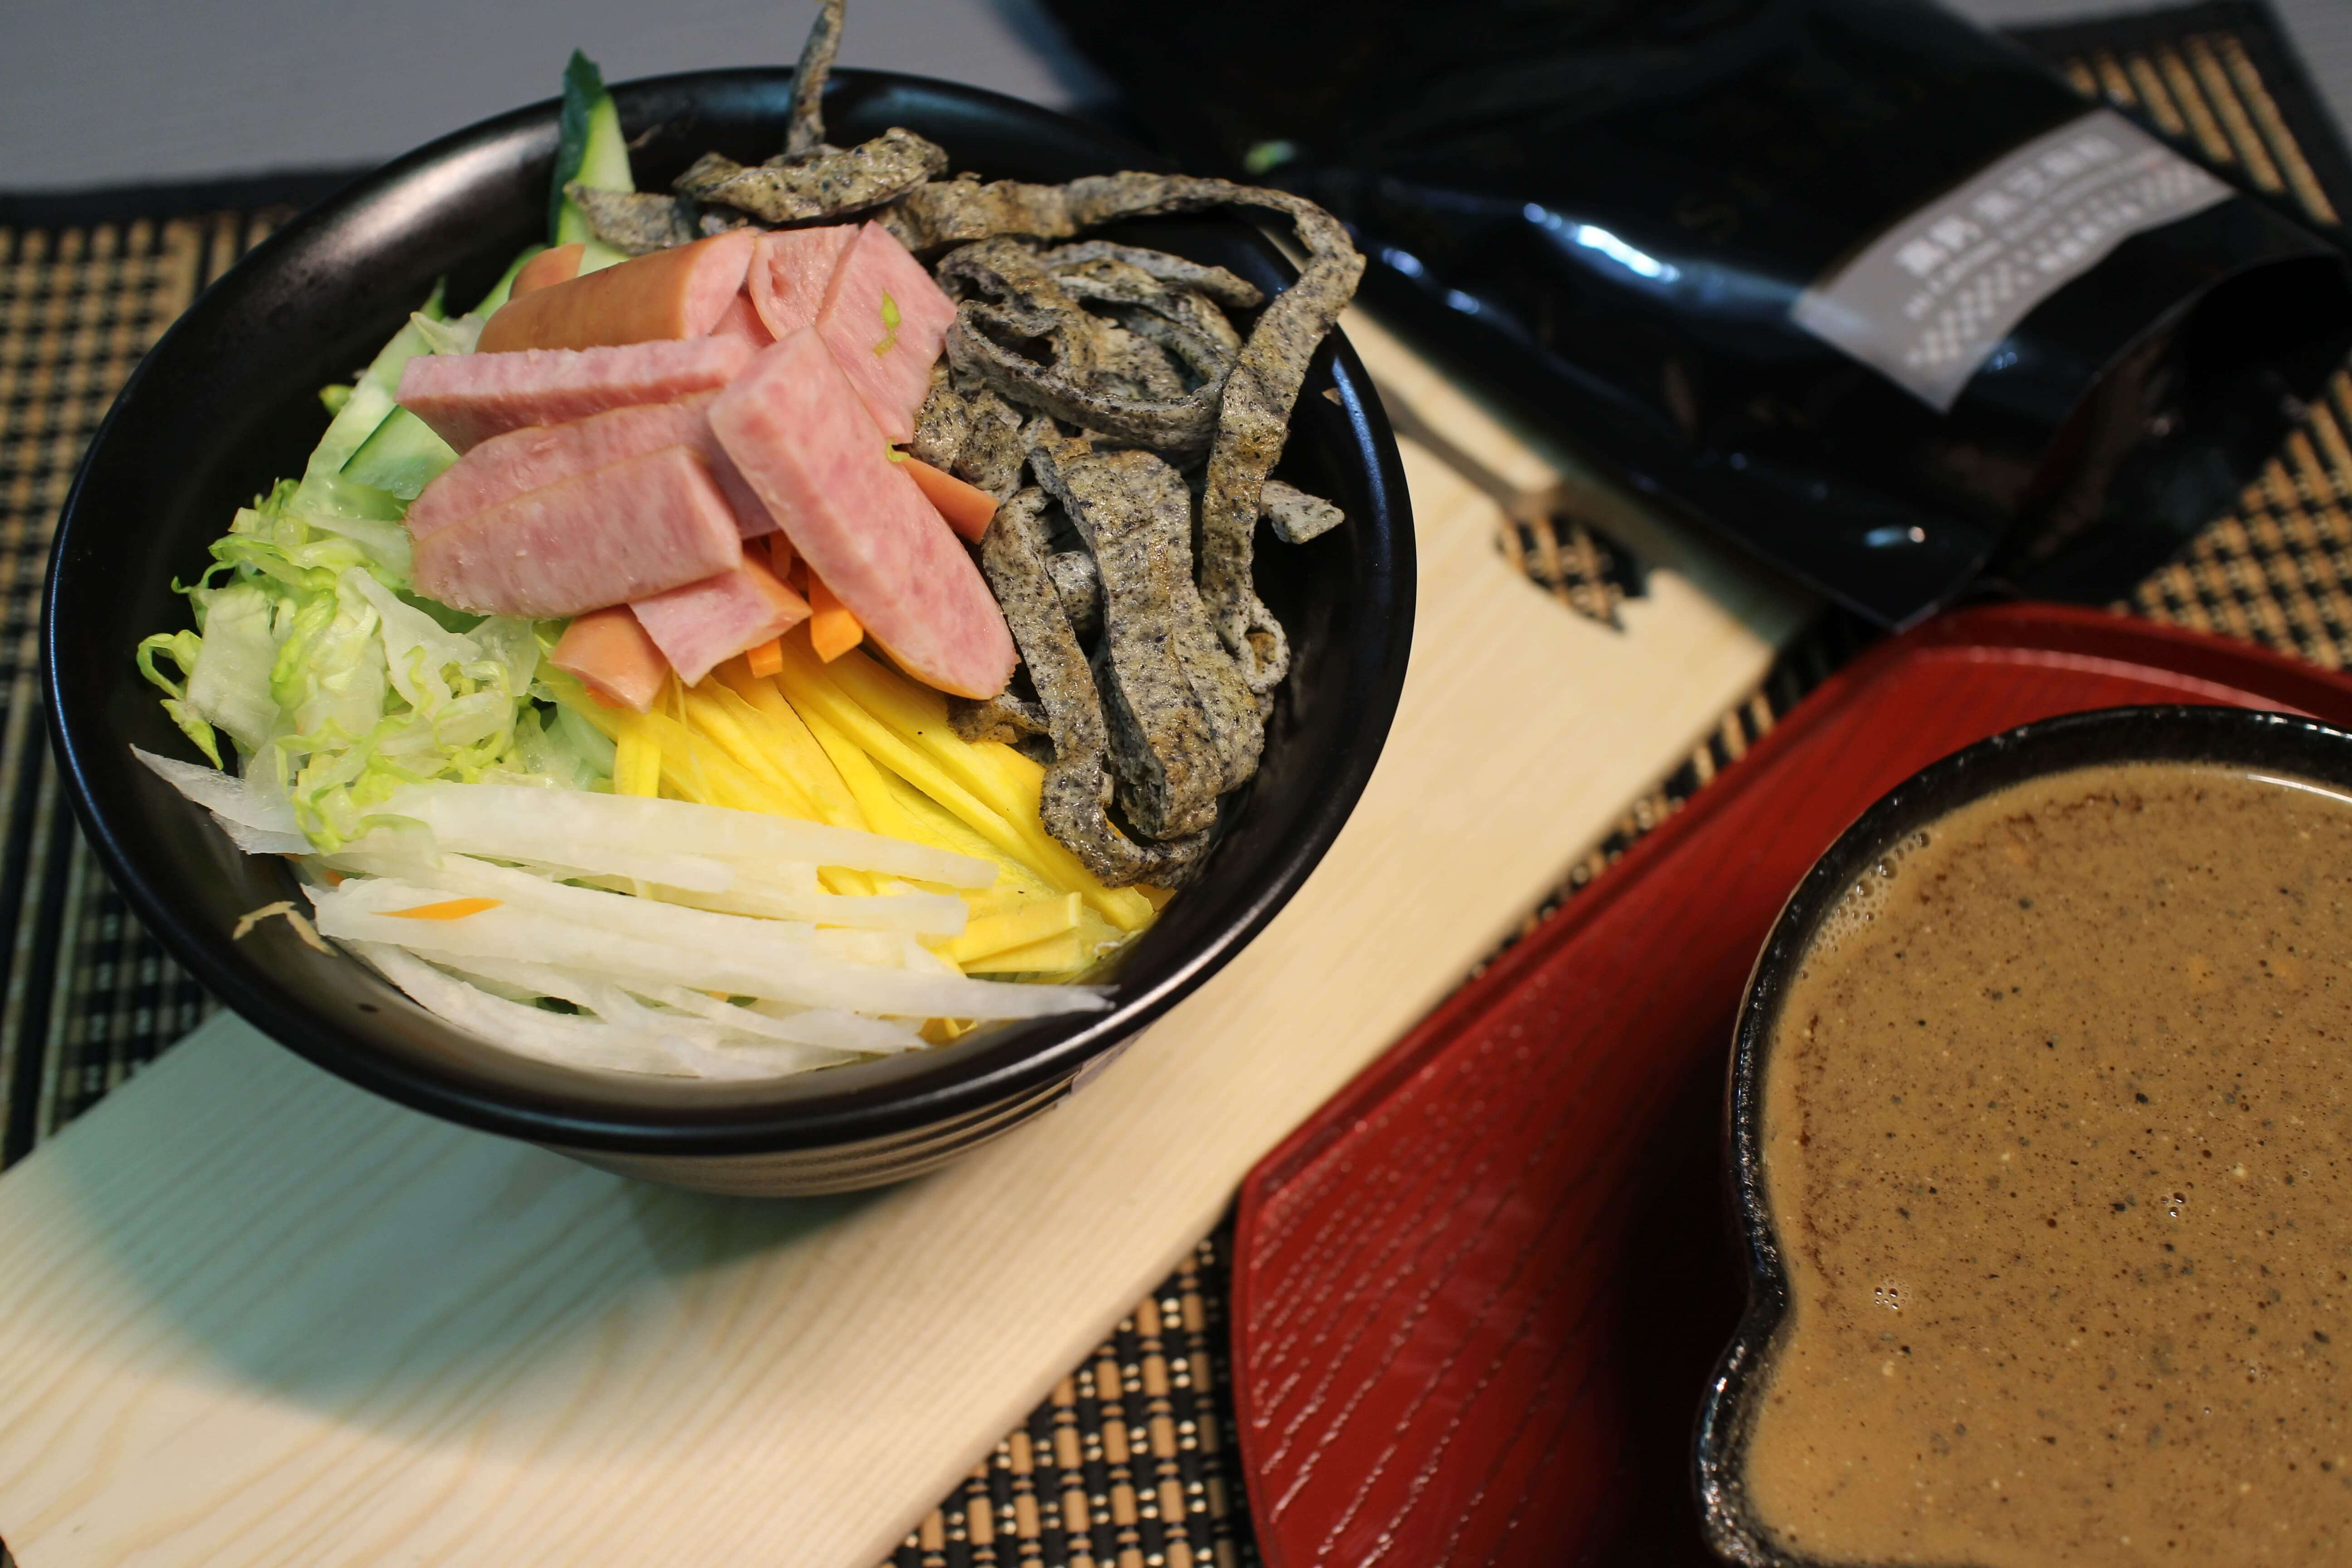 香味四溢!用【芝初-高鈣黑芝麻粉】做出超方便料理:涼麵、甜粥、炒蛋,好吃食譜、簡單作法推薦! @秤瓶樂遊遊